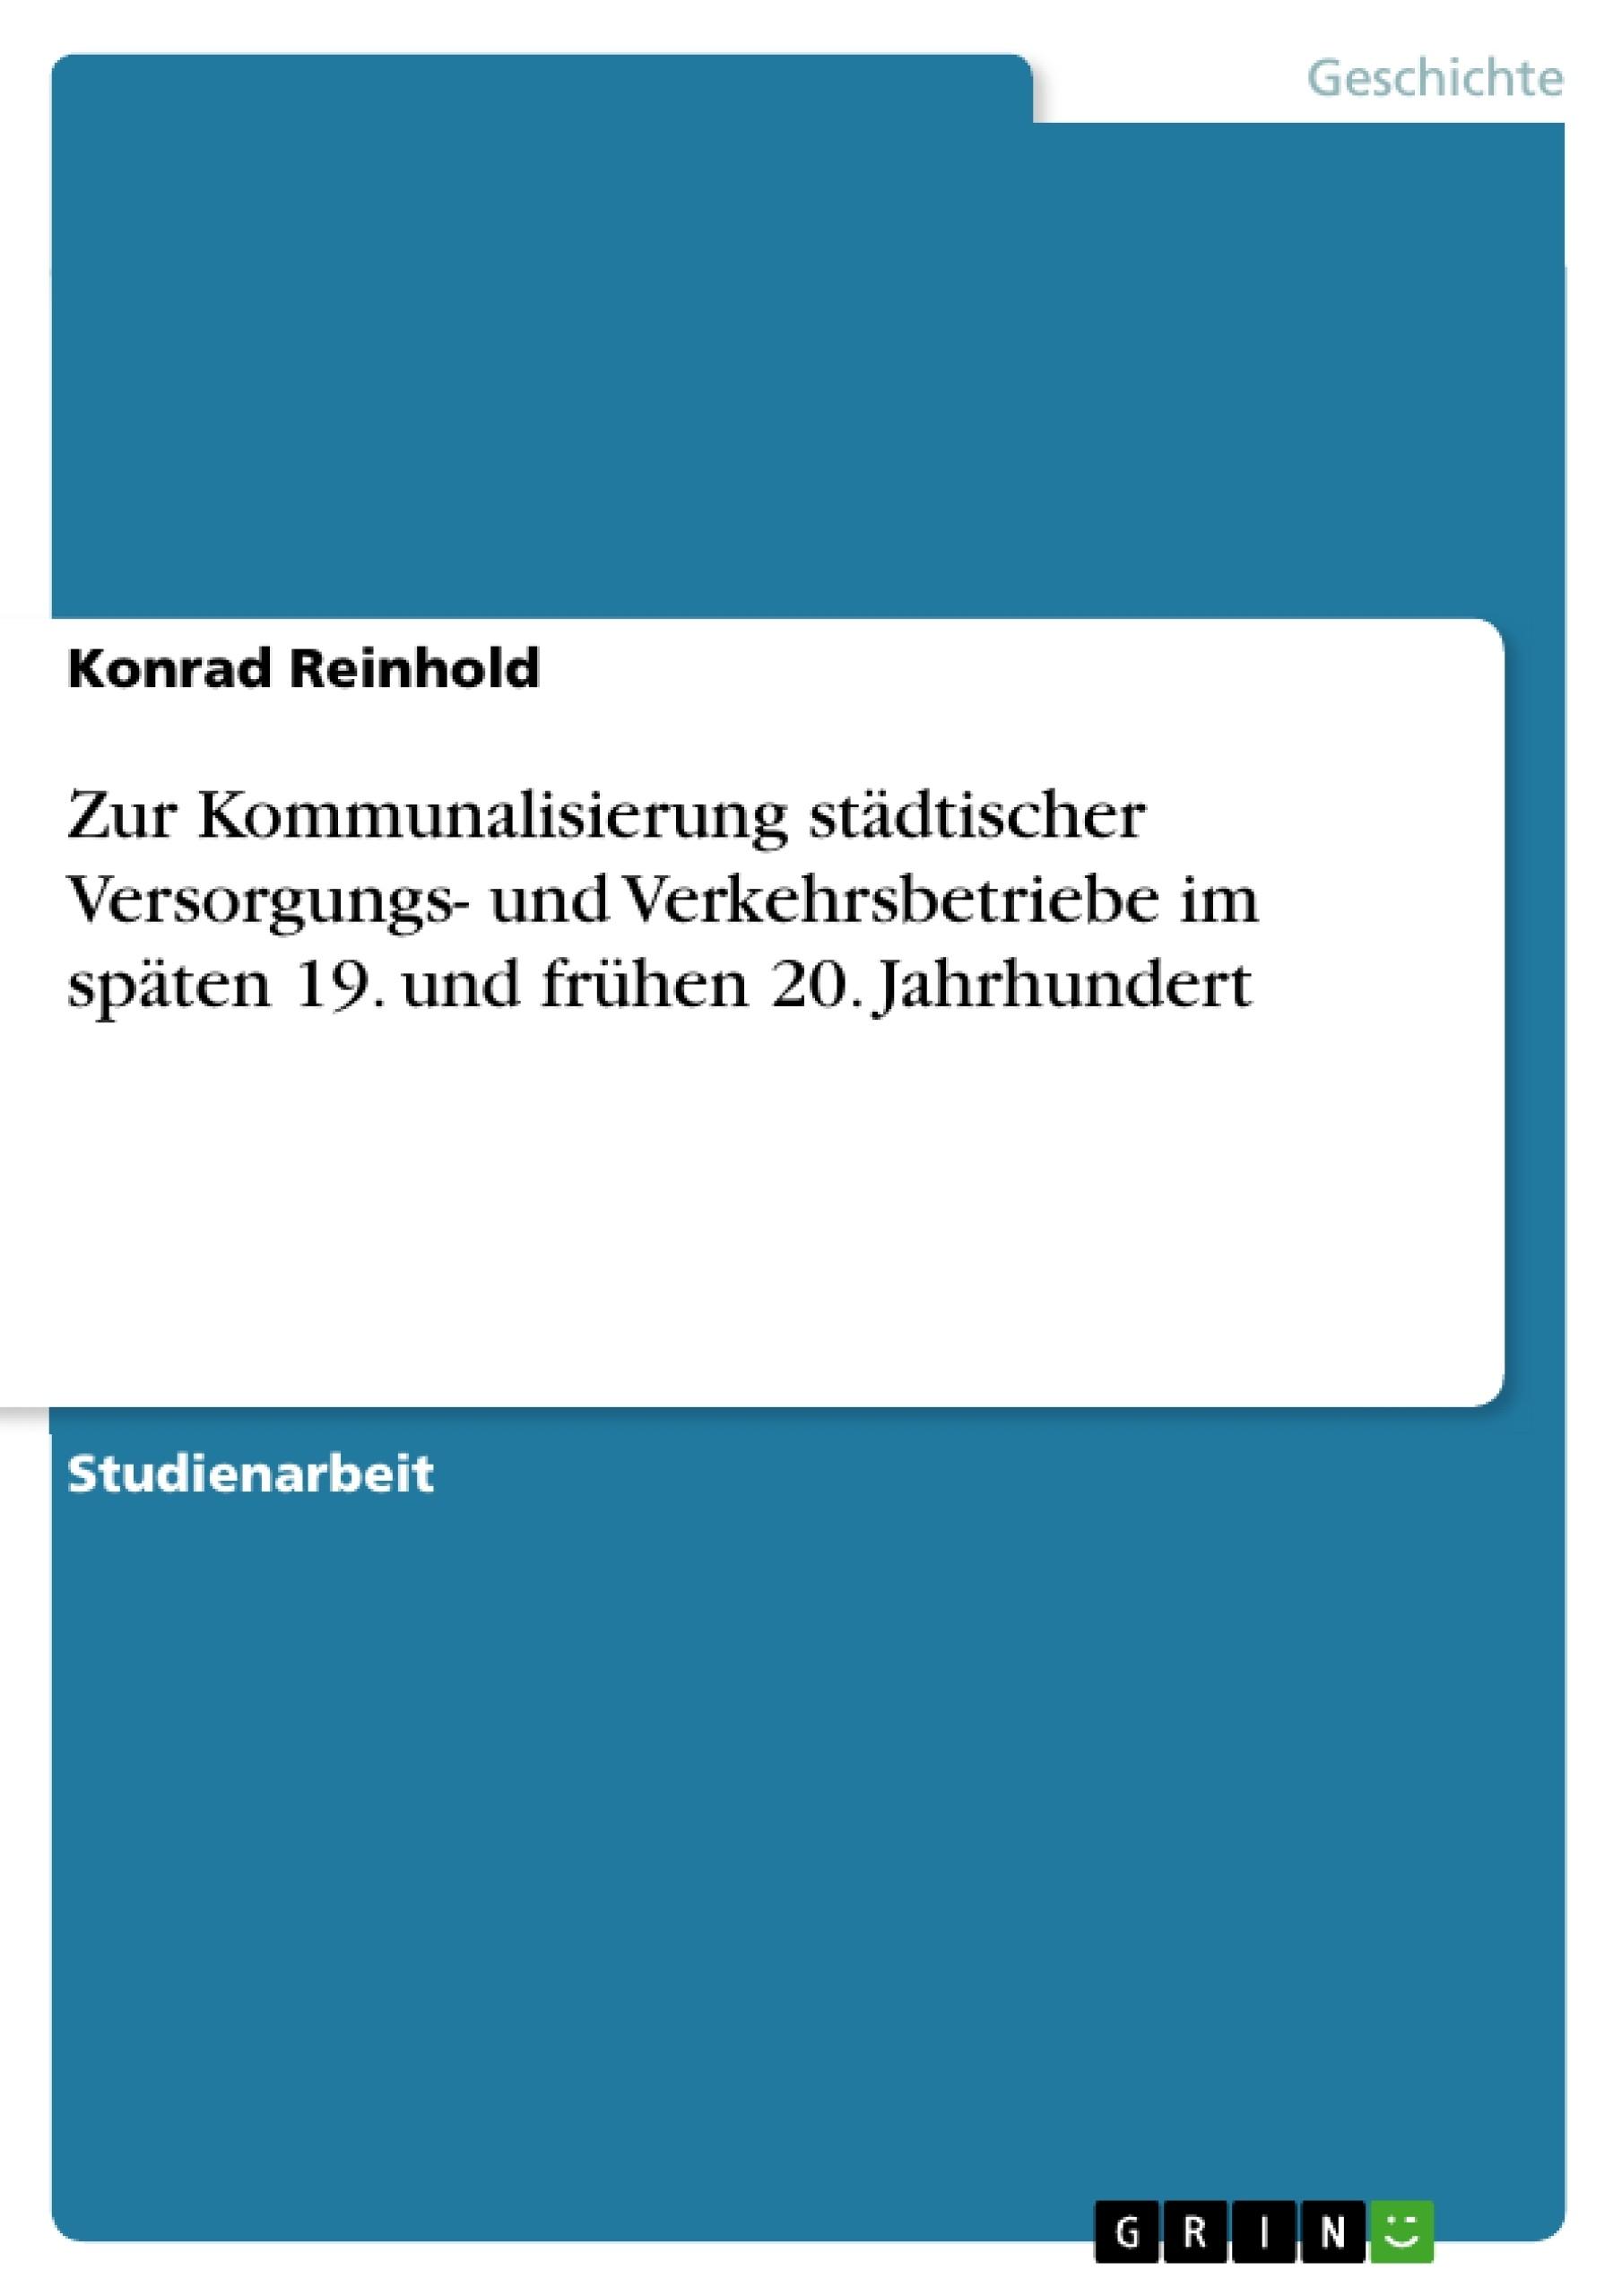 Titel: Zur Kommunalisierung städtischer Versorgungs- und Verkehrsbetriebe im späten 19. und frühen 20. Jahrhundert